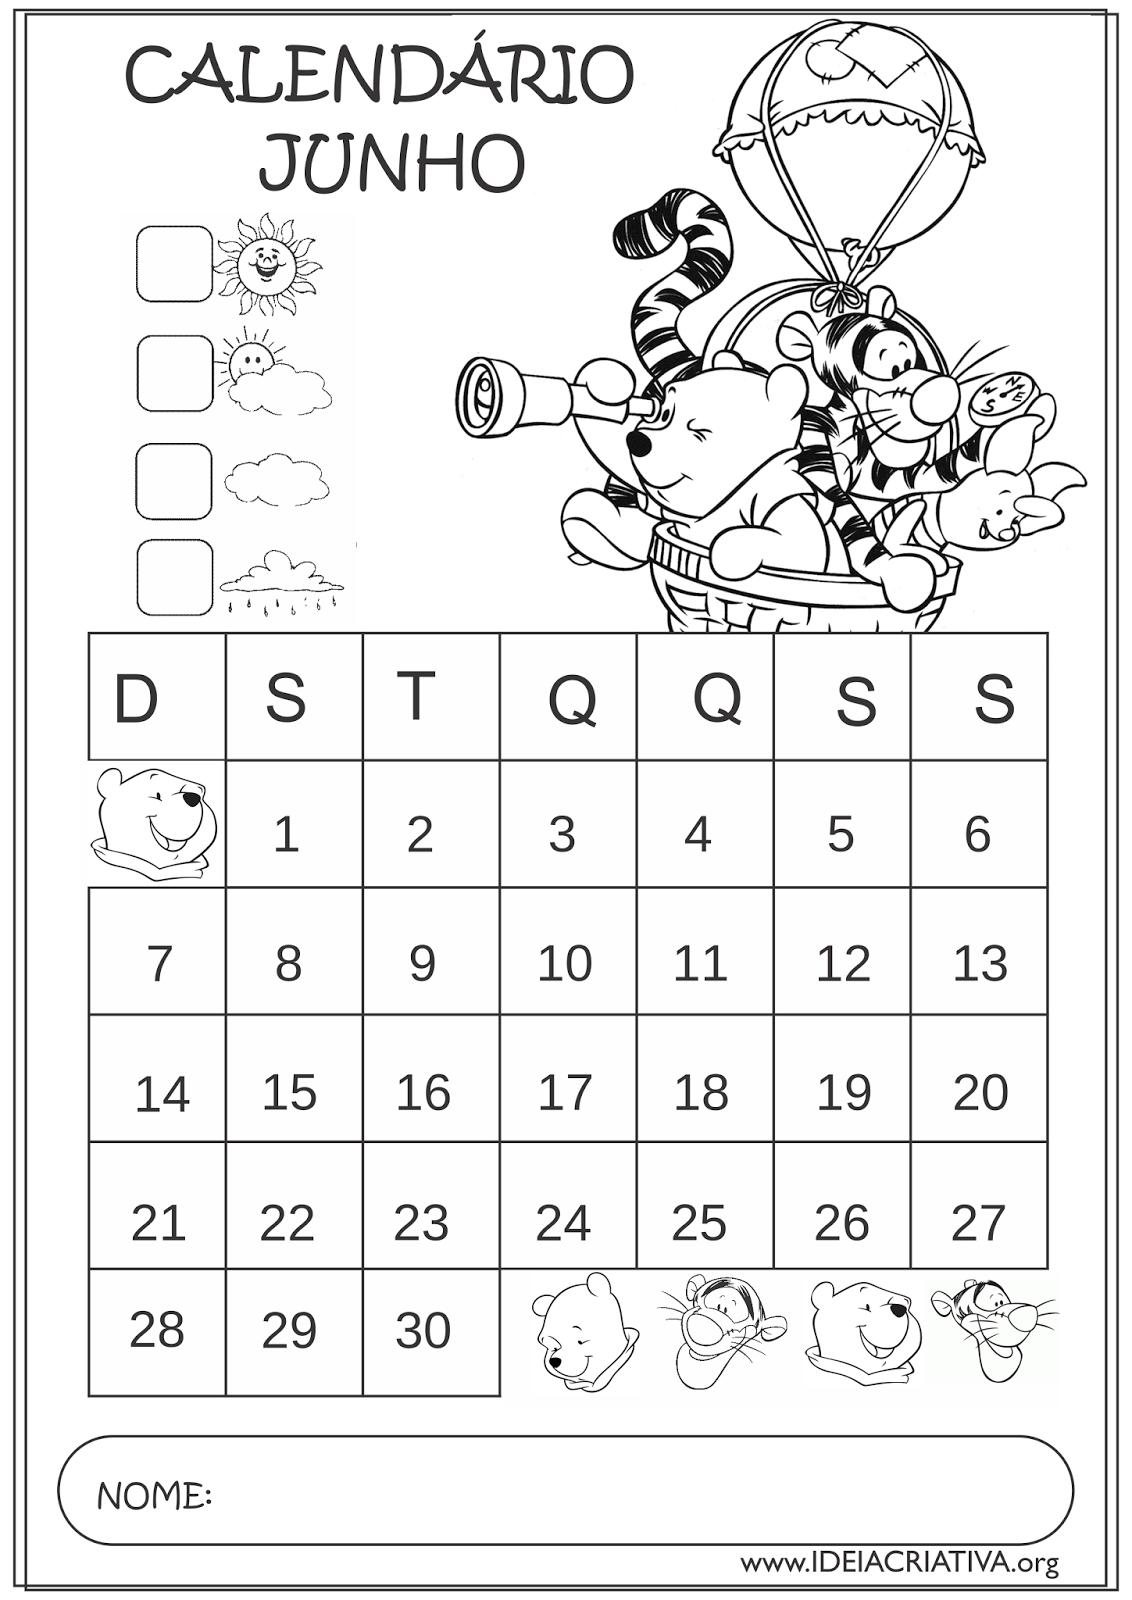 Calendários Junho 2015 Turma do Pooh Educação Infantil para Colorir